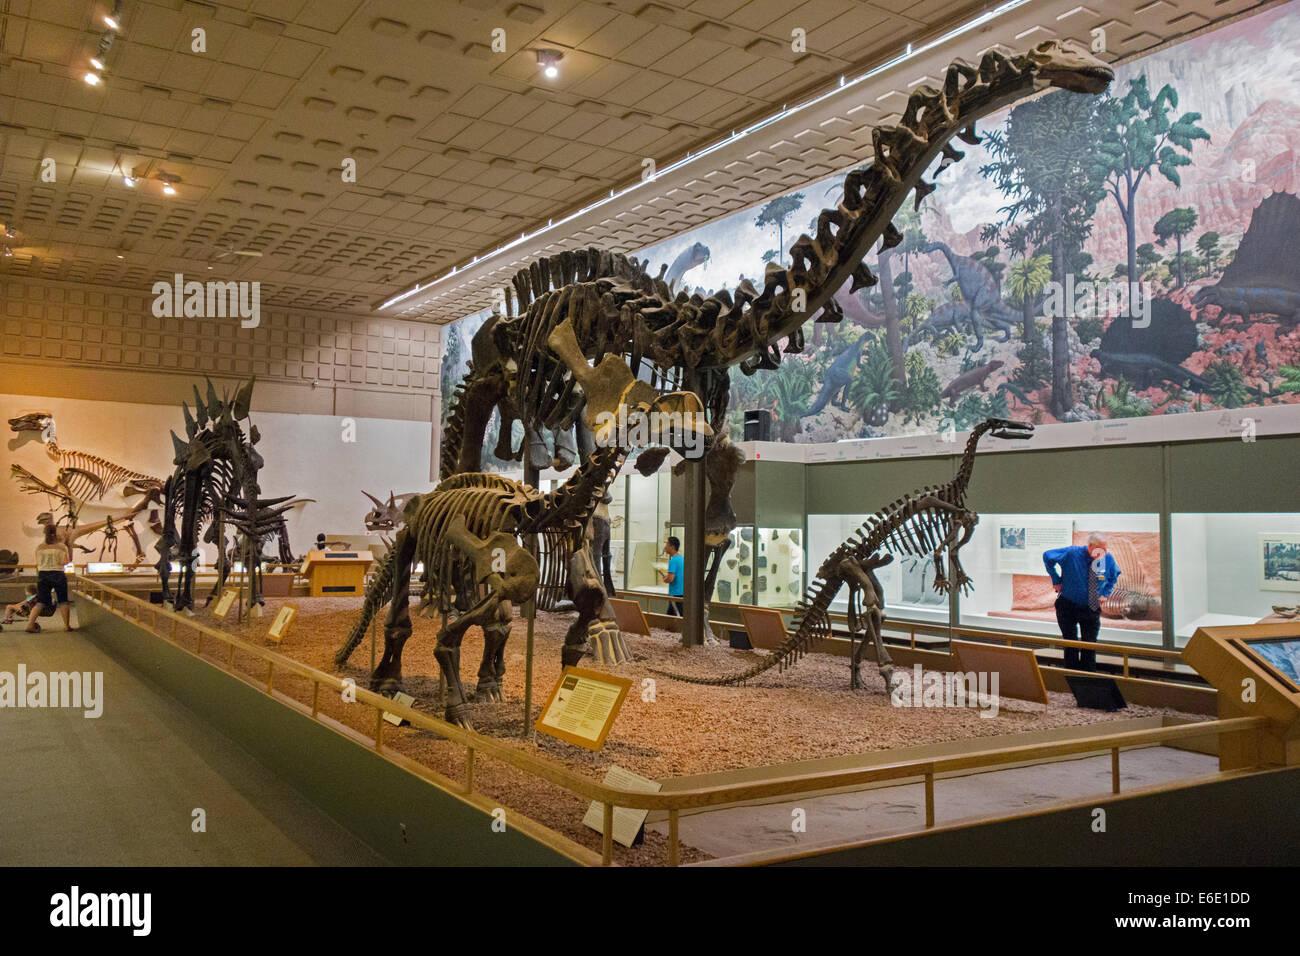 New Dinosaur At Museum Of Natural History